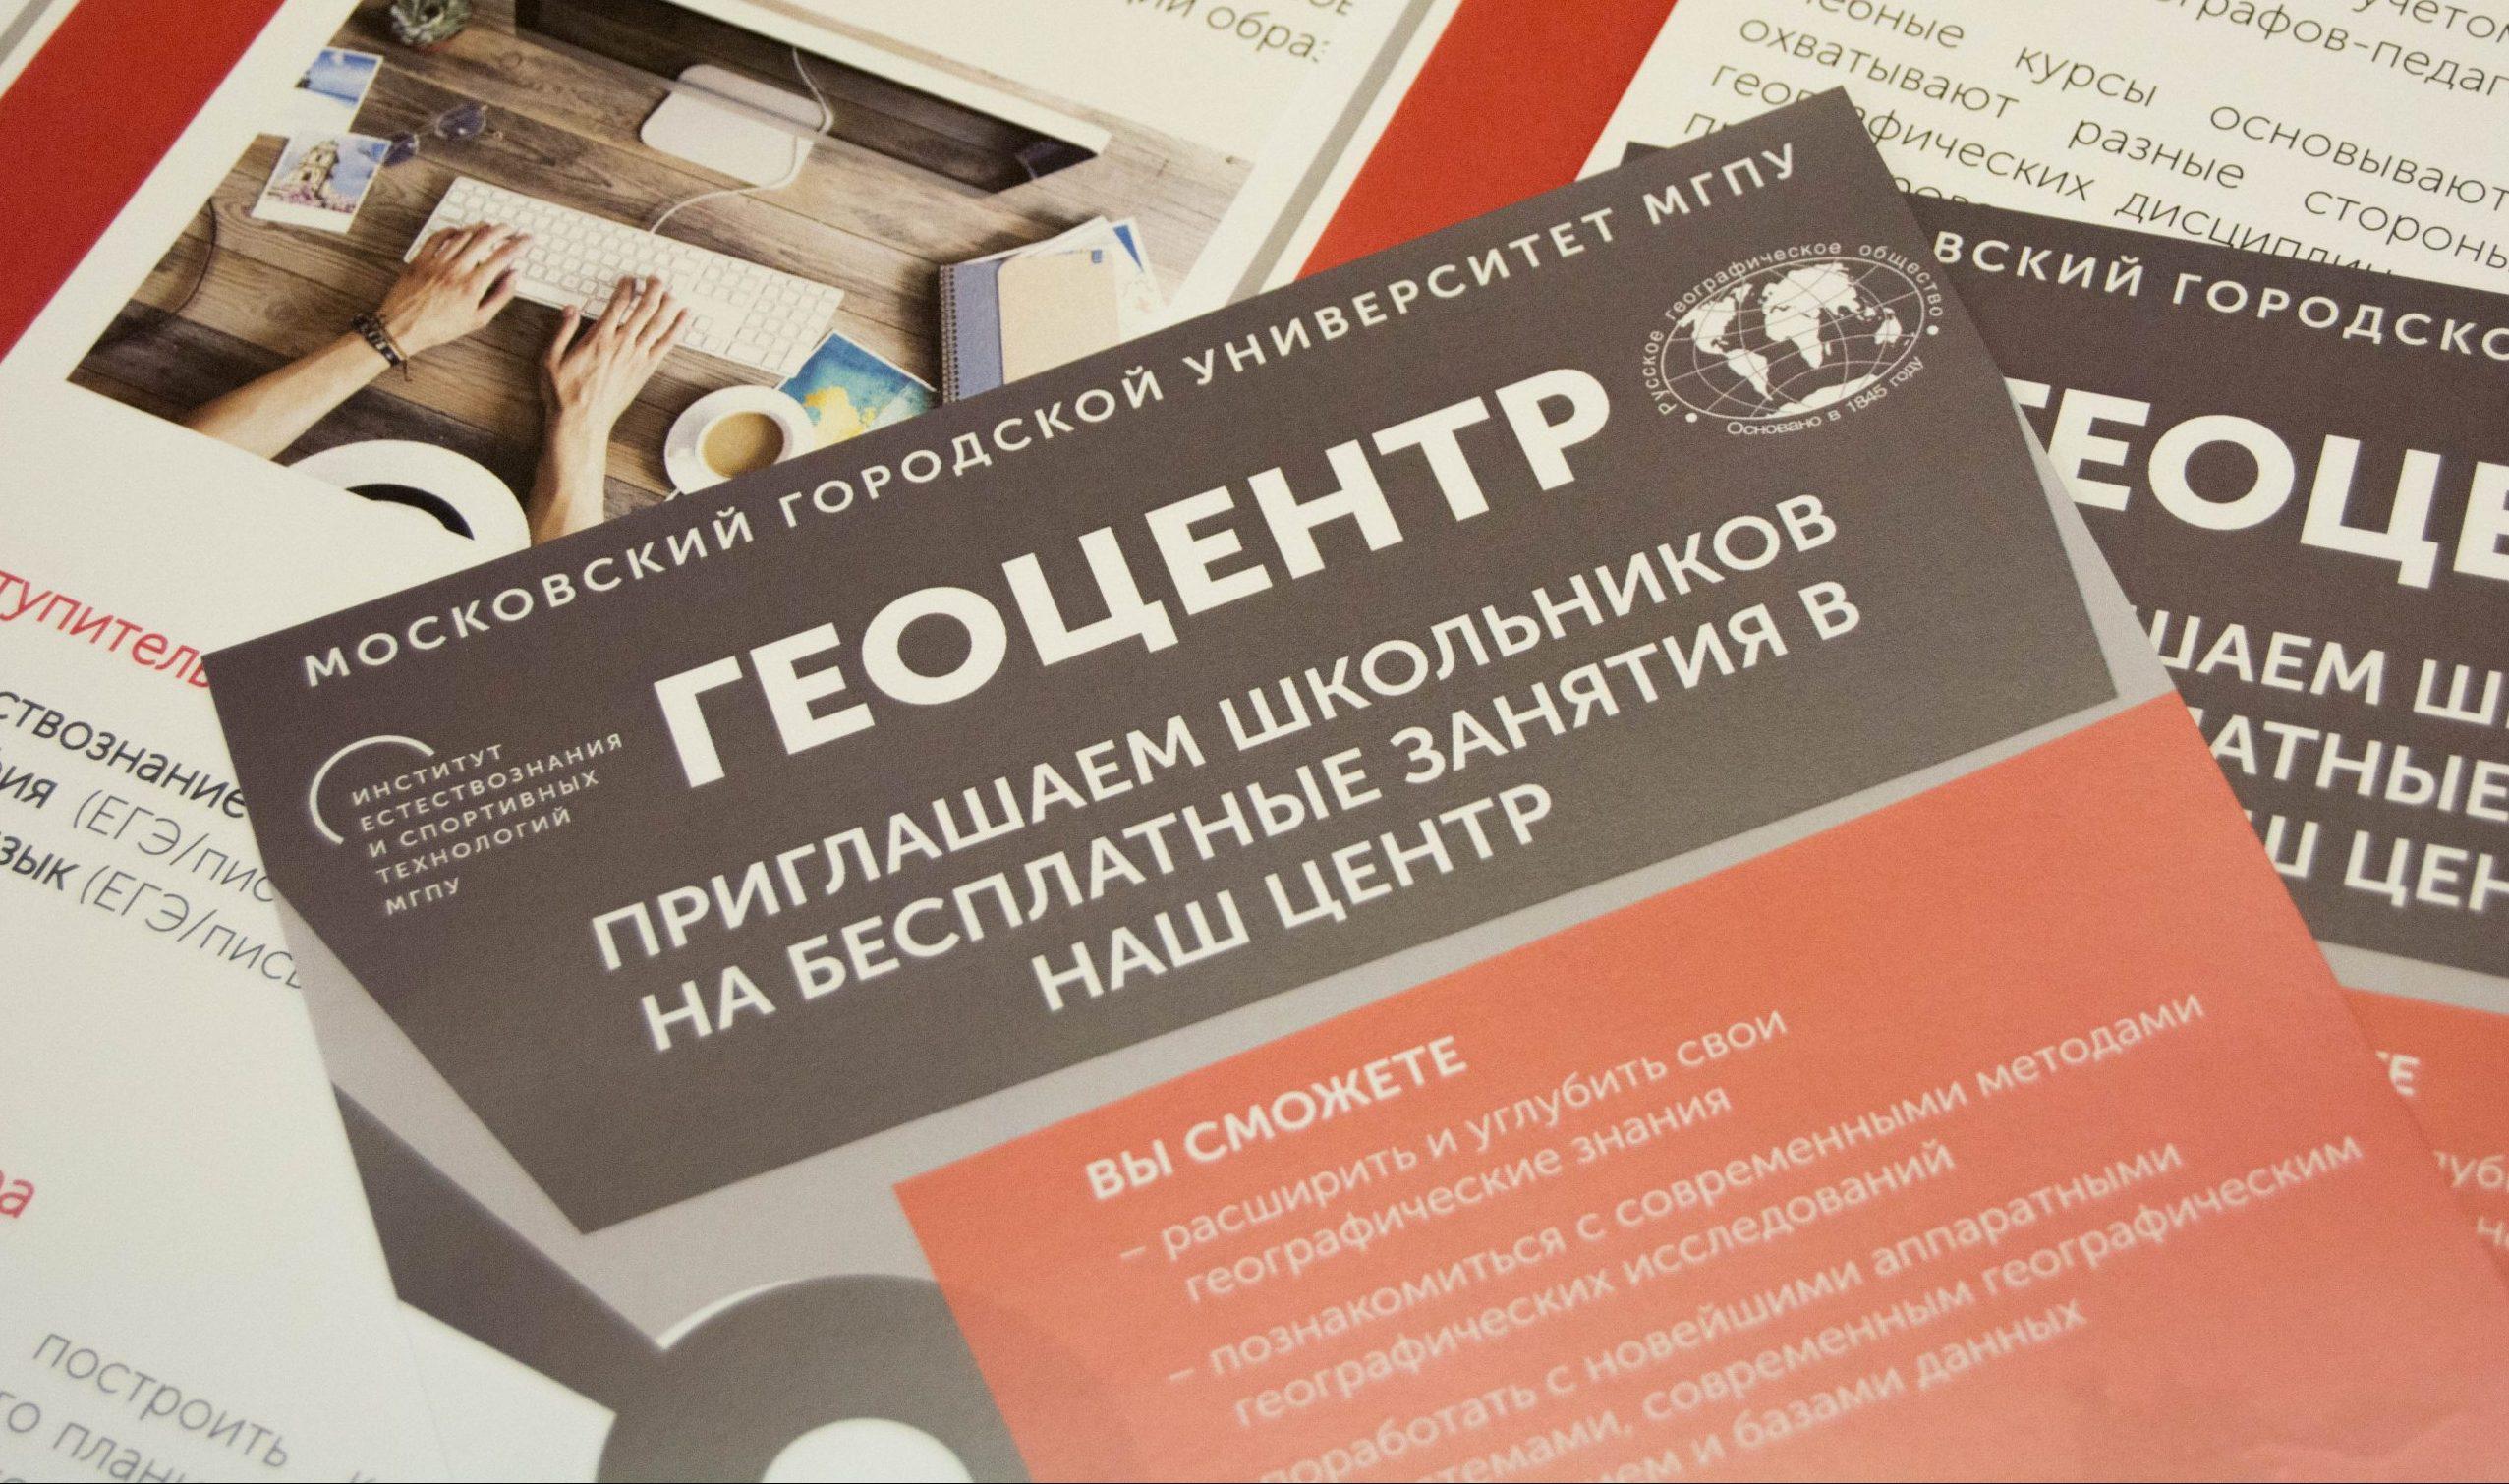 Открытие Центра изучения географии для школьников